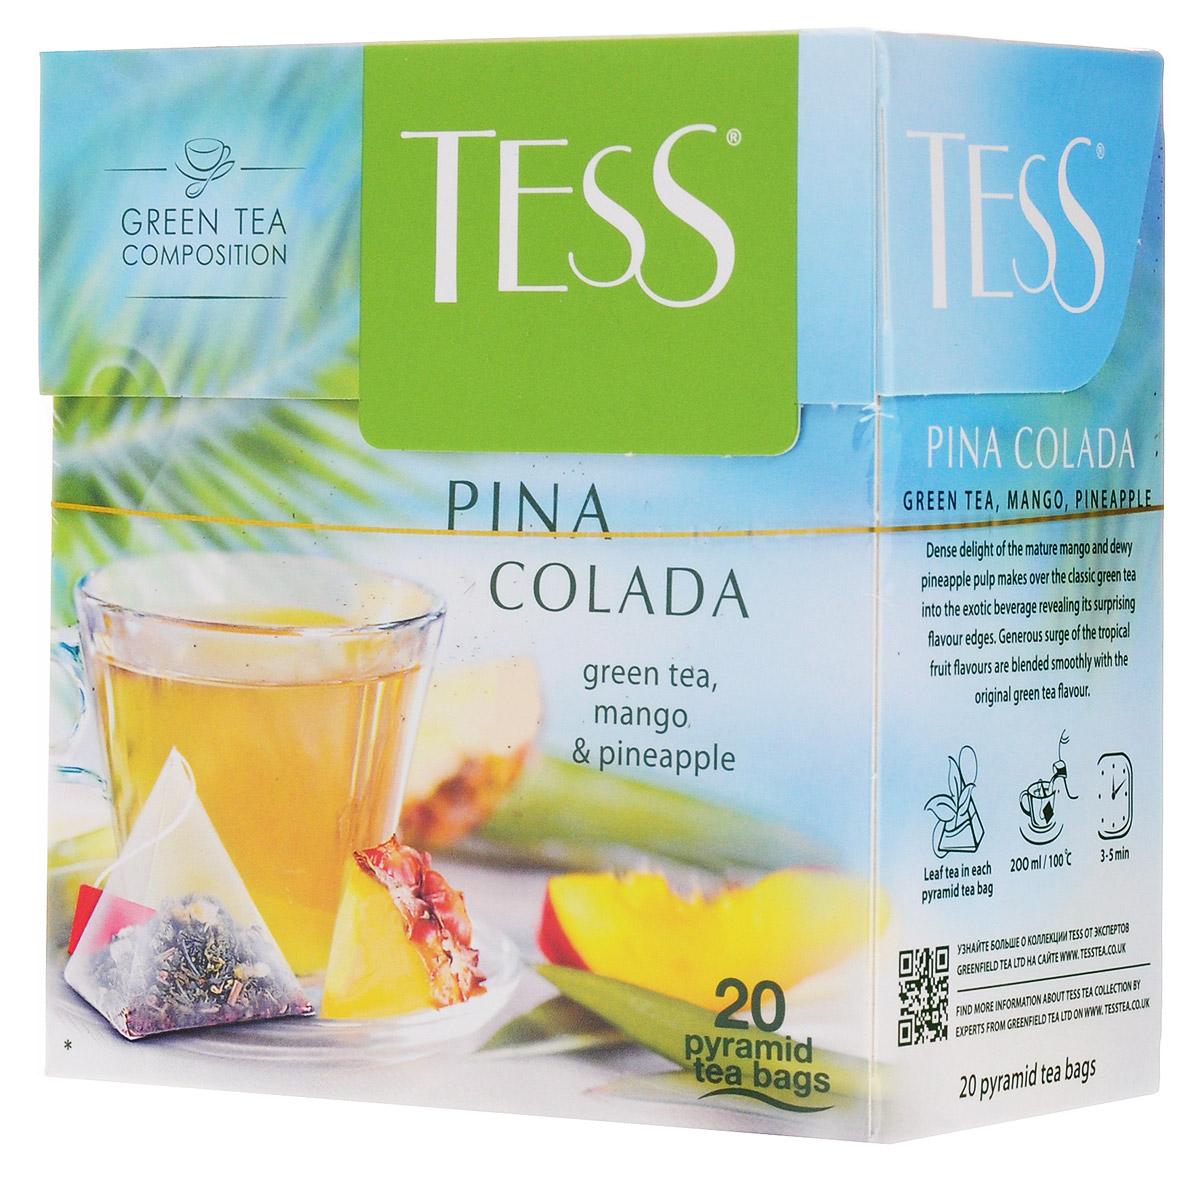 Tess Pina Colada зеленый чай в пирамидках, 20 шт0787-12Играя ароматными мячиками манго и ананаса, в которых спряталось тропическое солнце, классический зеленый чай Tess Pina Colada в пирамидках превращается в экзотический напиток и дарит ни с чем не сравнимое ощущение легкости и свободы.